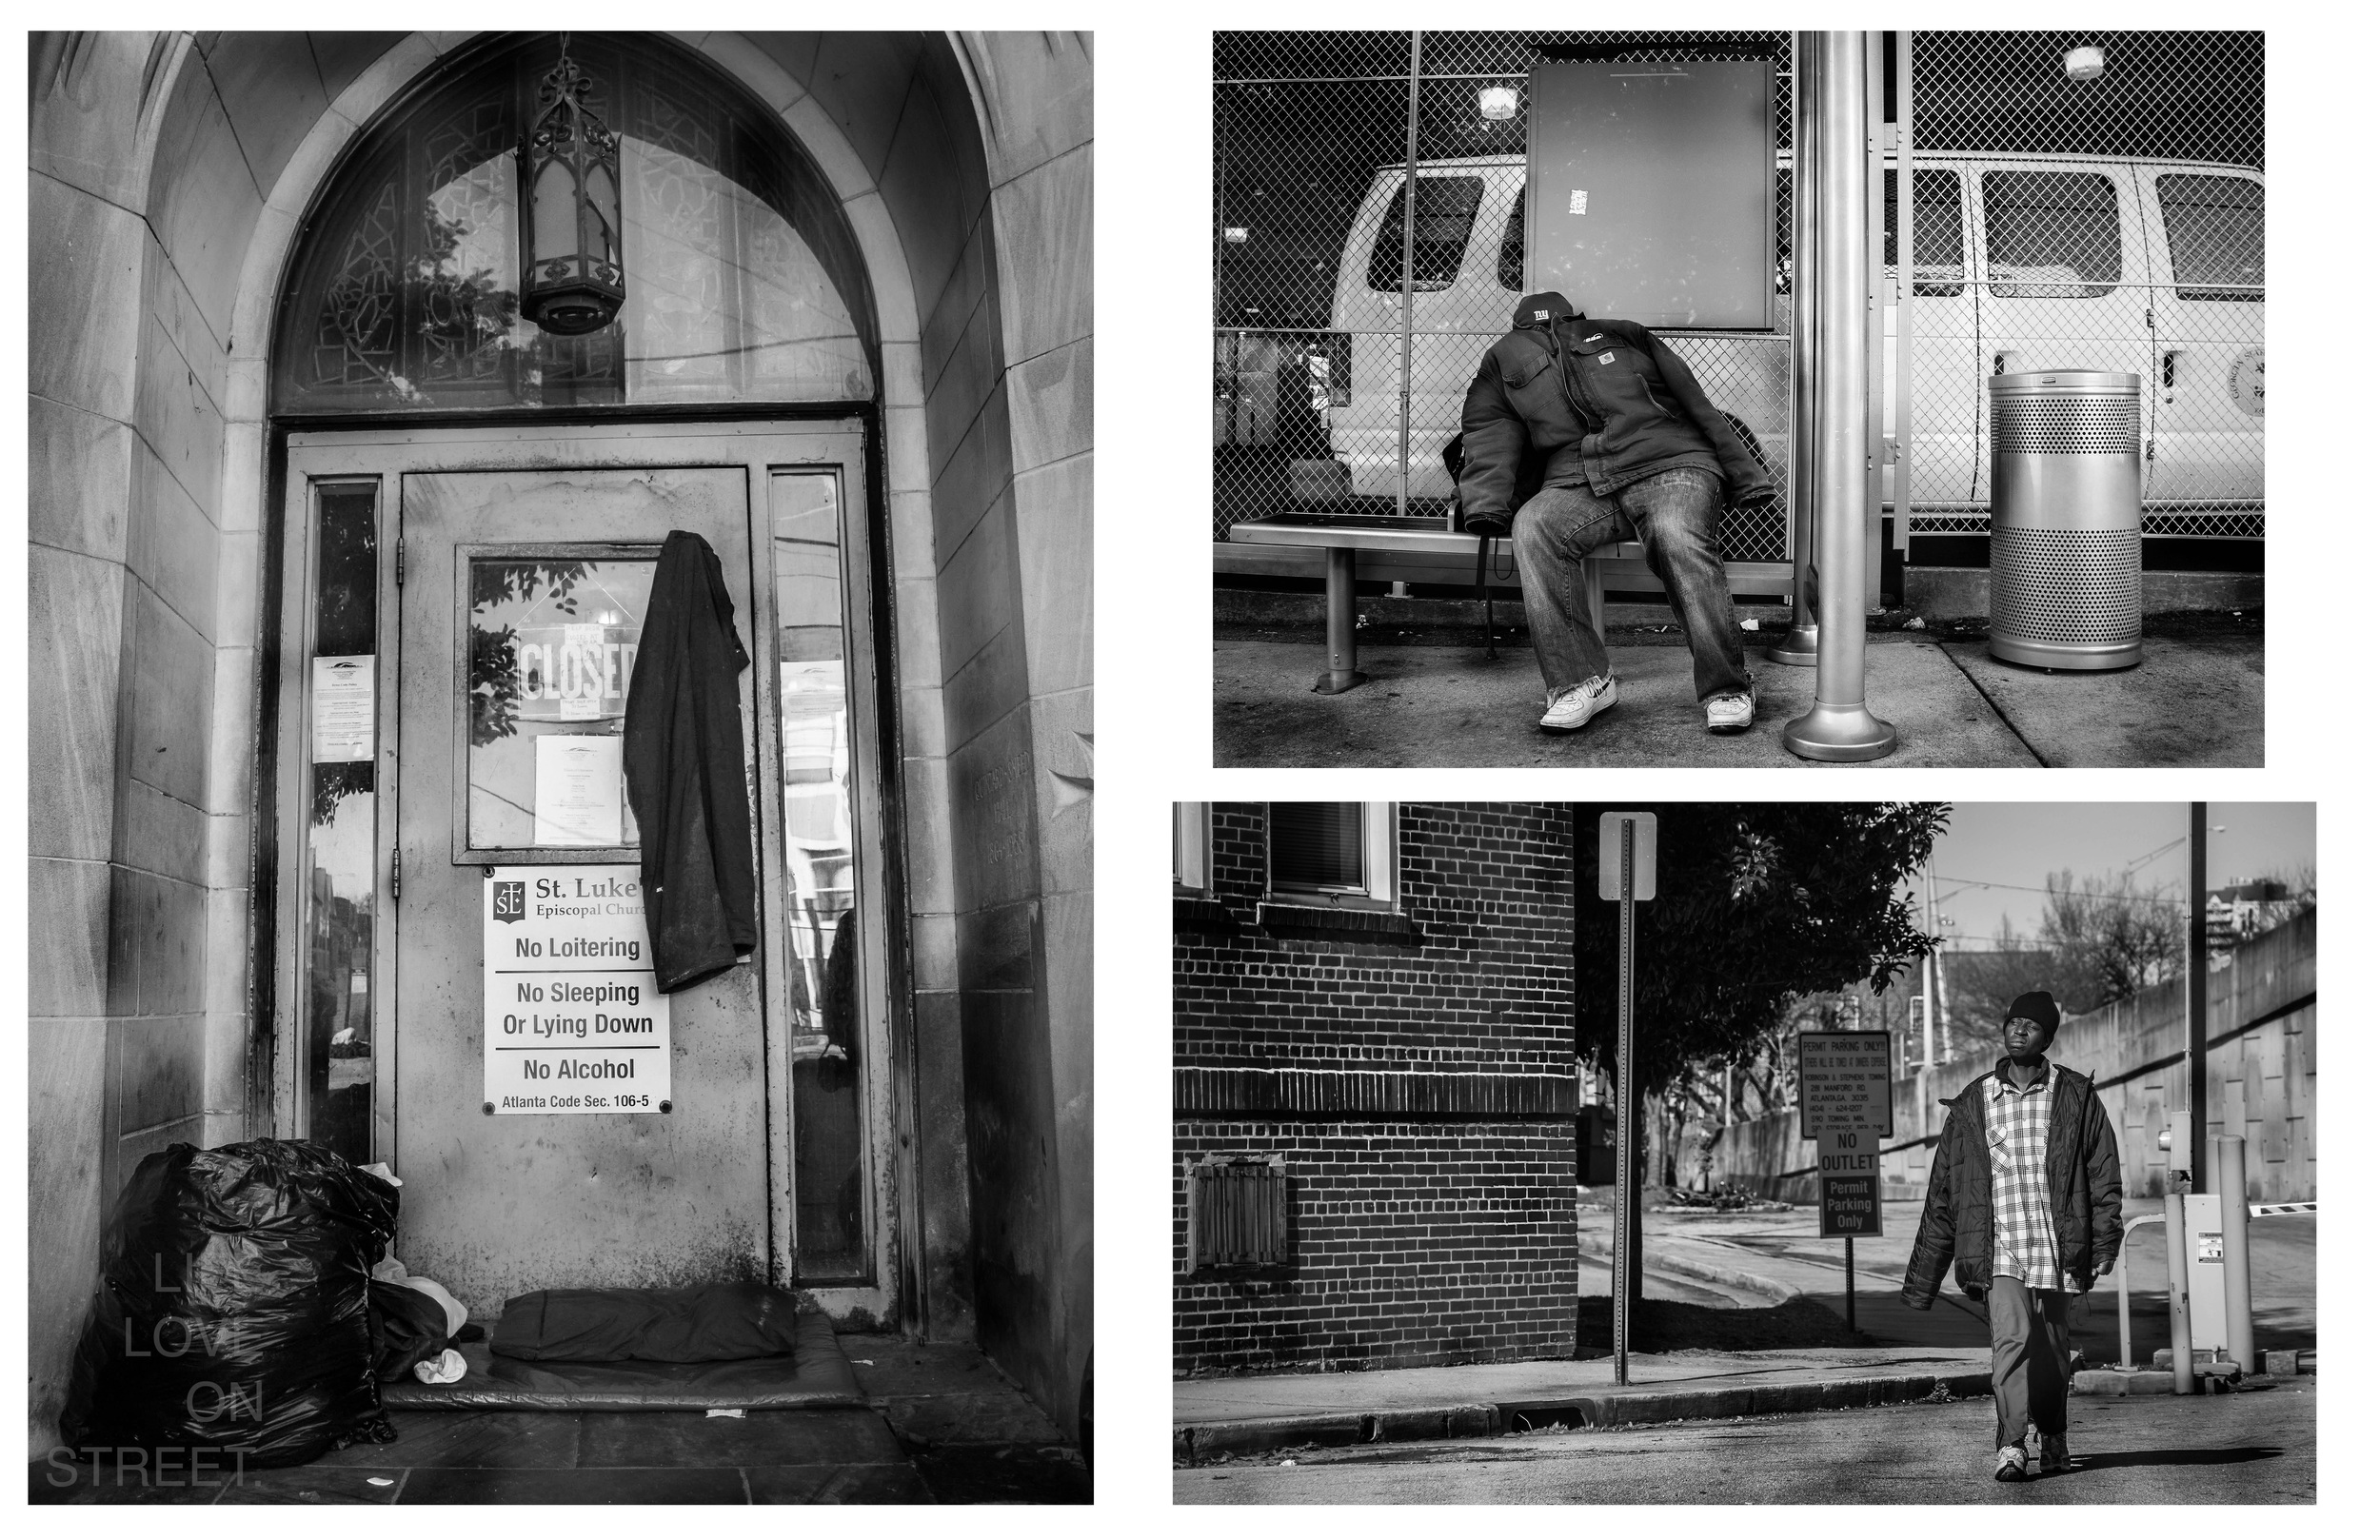 LIFE LOVE ON STREET